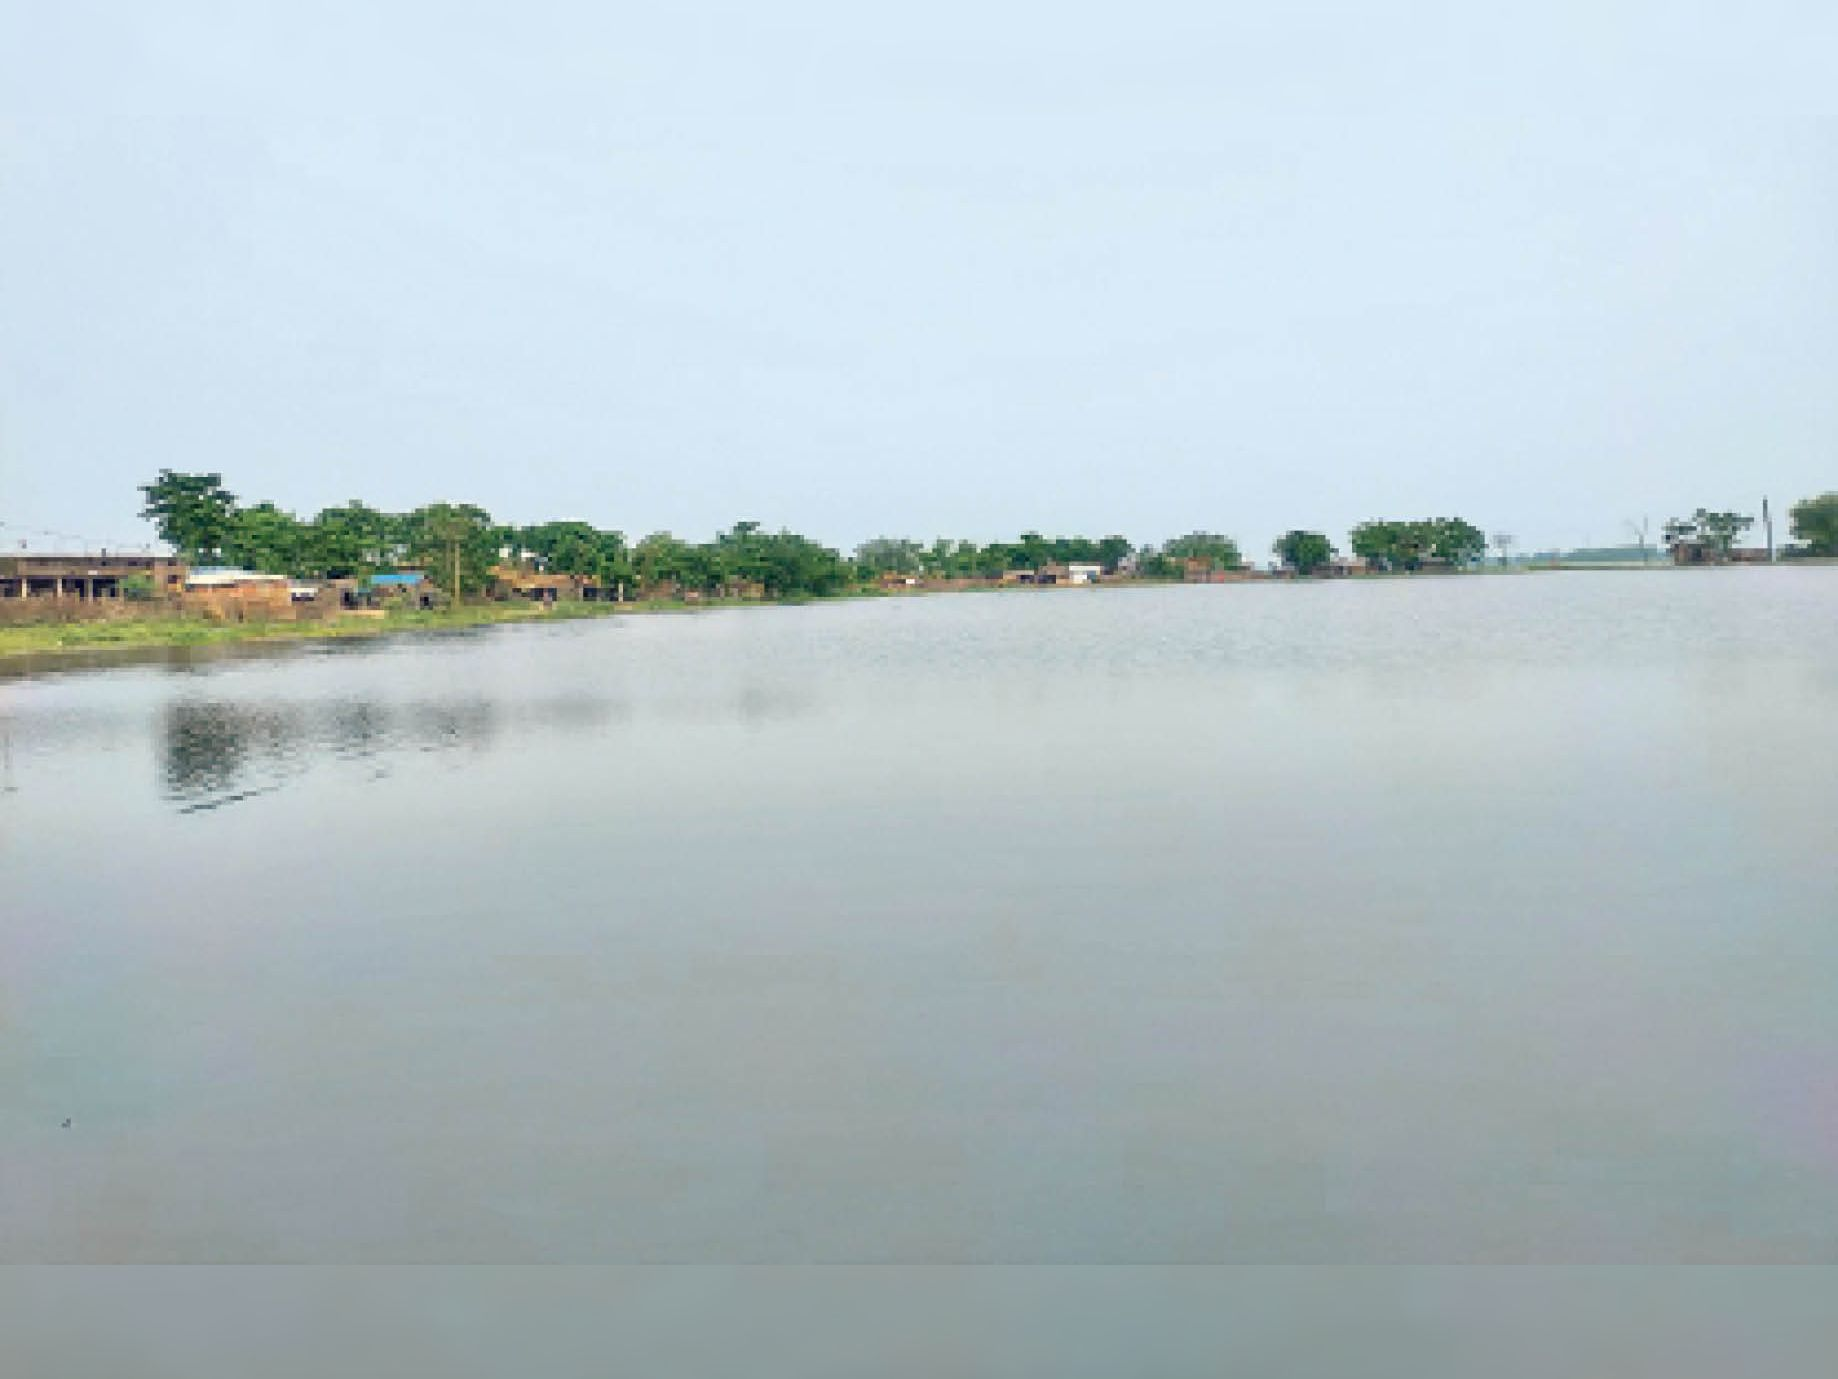 सिंघिया नदियों में जलवृद्धि के कारण बाढ़ के पानी के बीच घिरता गांव। - Dainik Bhaskar